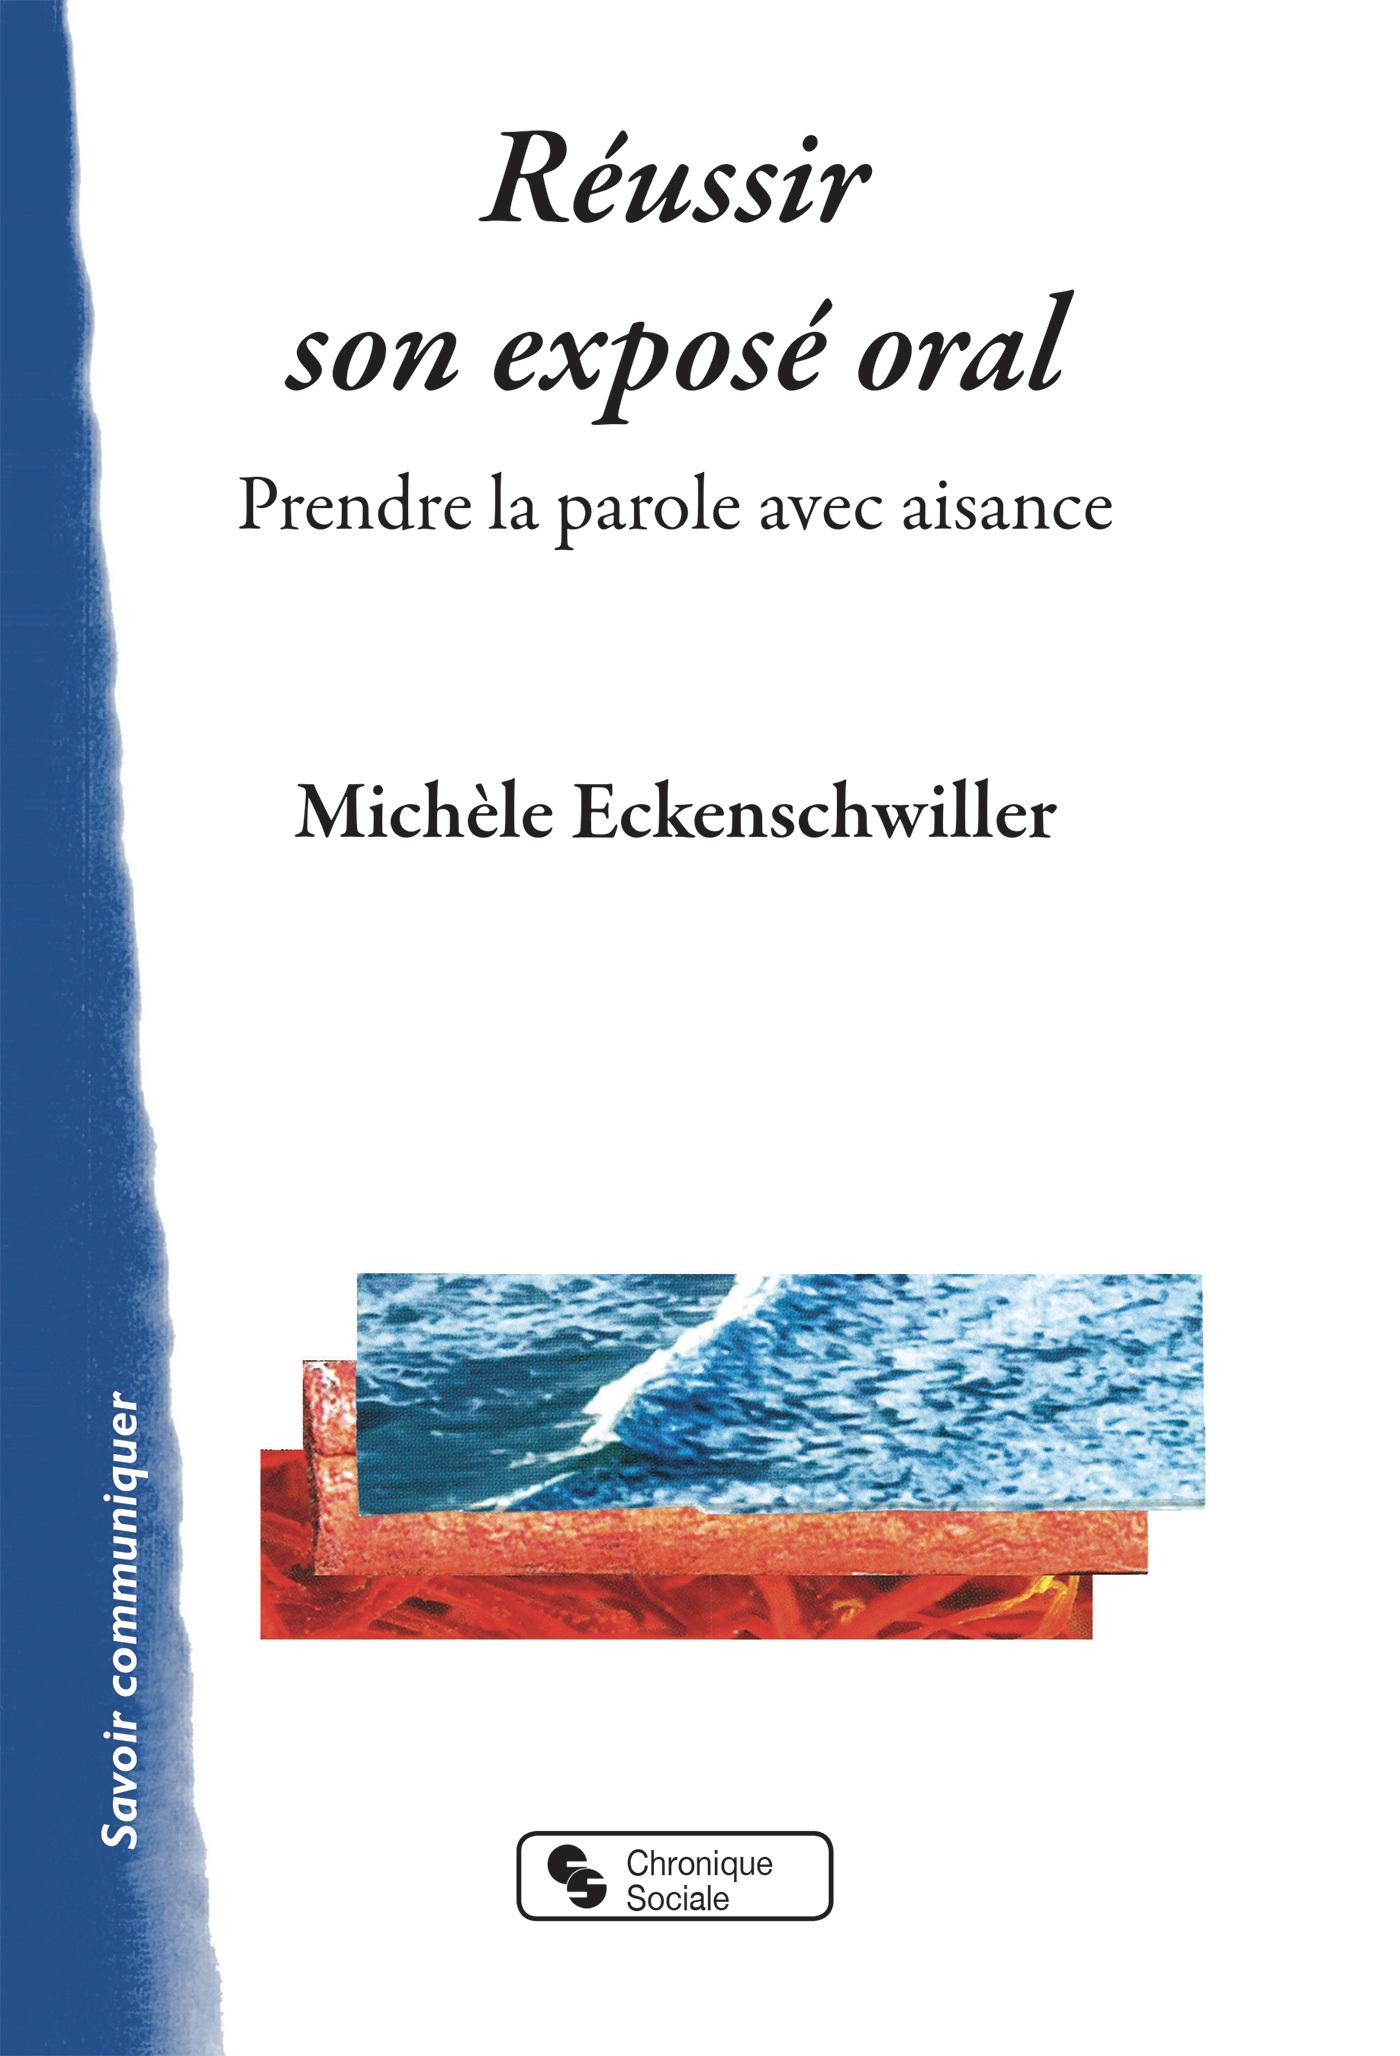 REUSSIR SON EXPOSE ORAL - PRENDRE LA PAROLE AVEC AISANCE